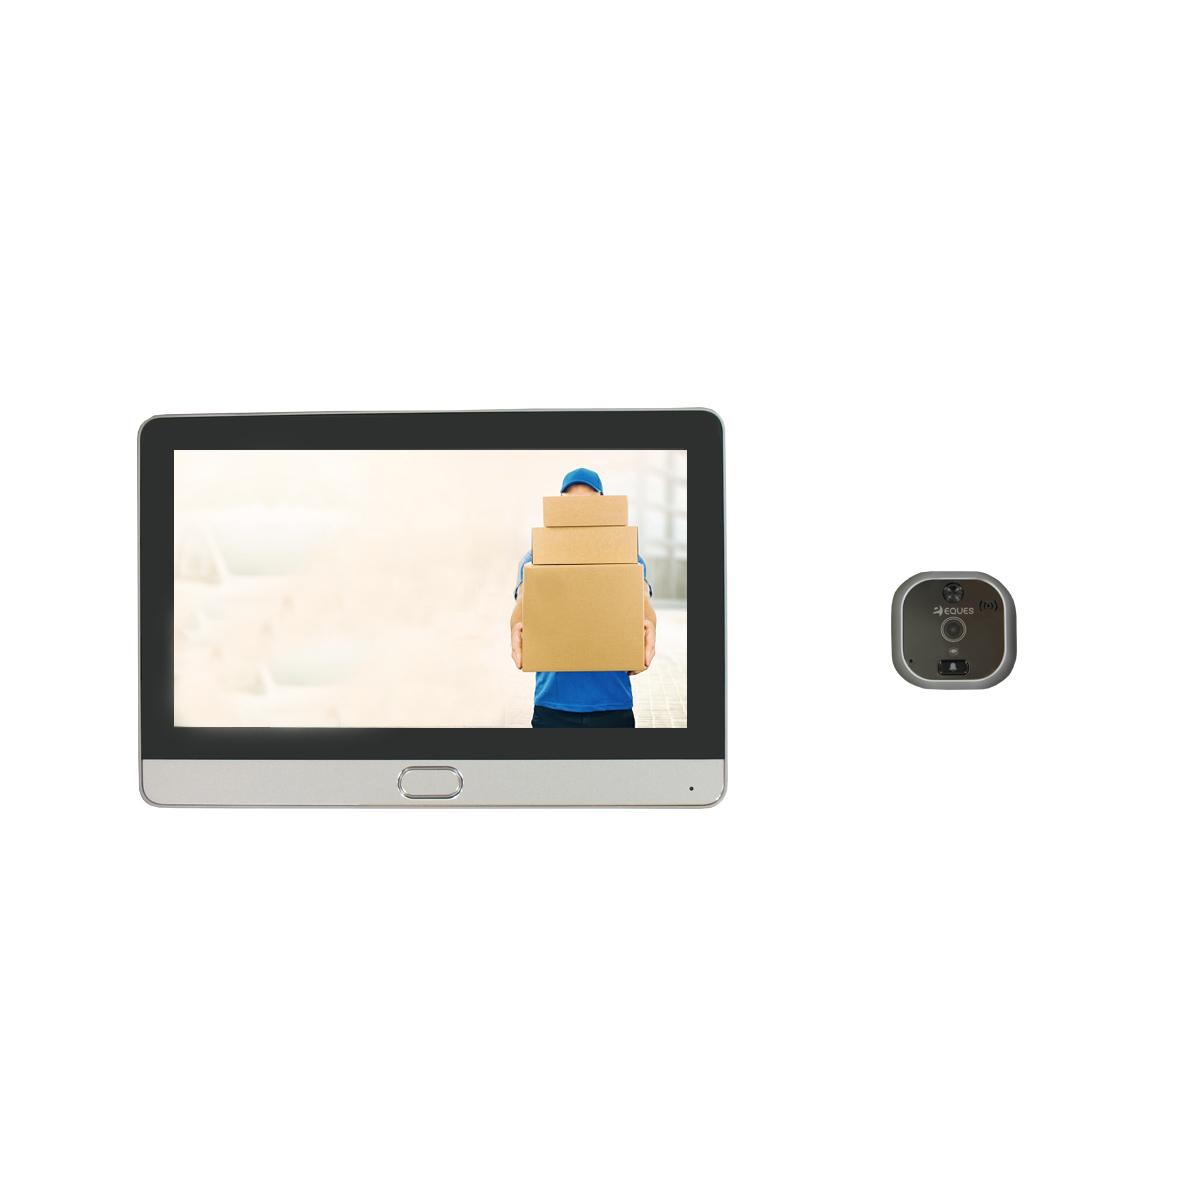 Judas de porte numérique Wi-Fi à écran tactile et interphone vidéo R22 Espy2